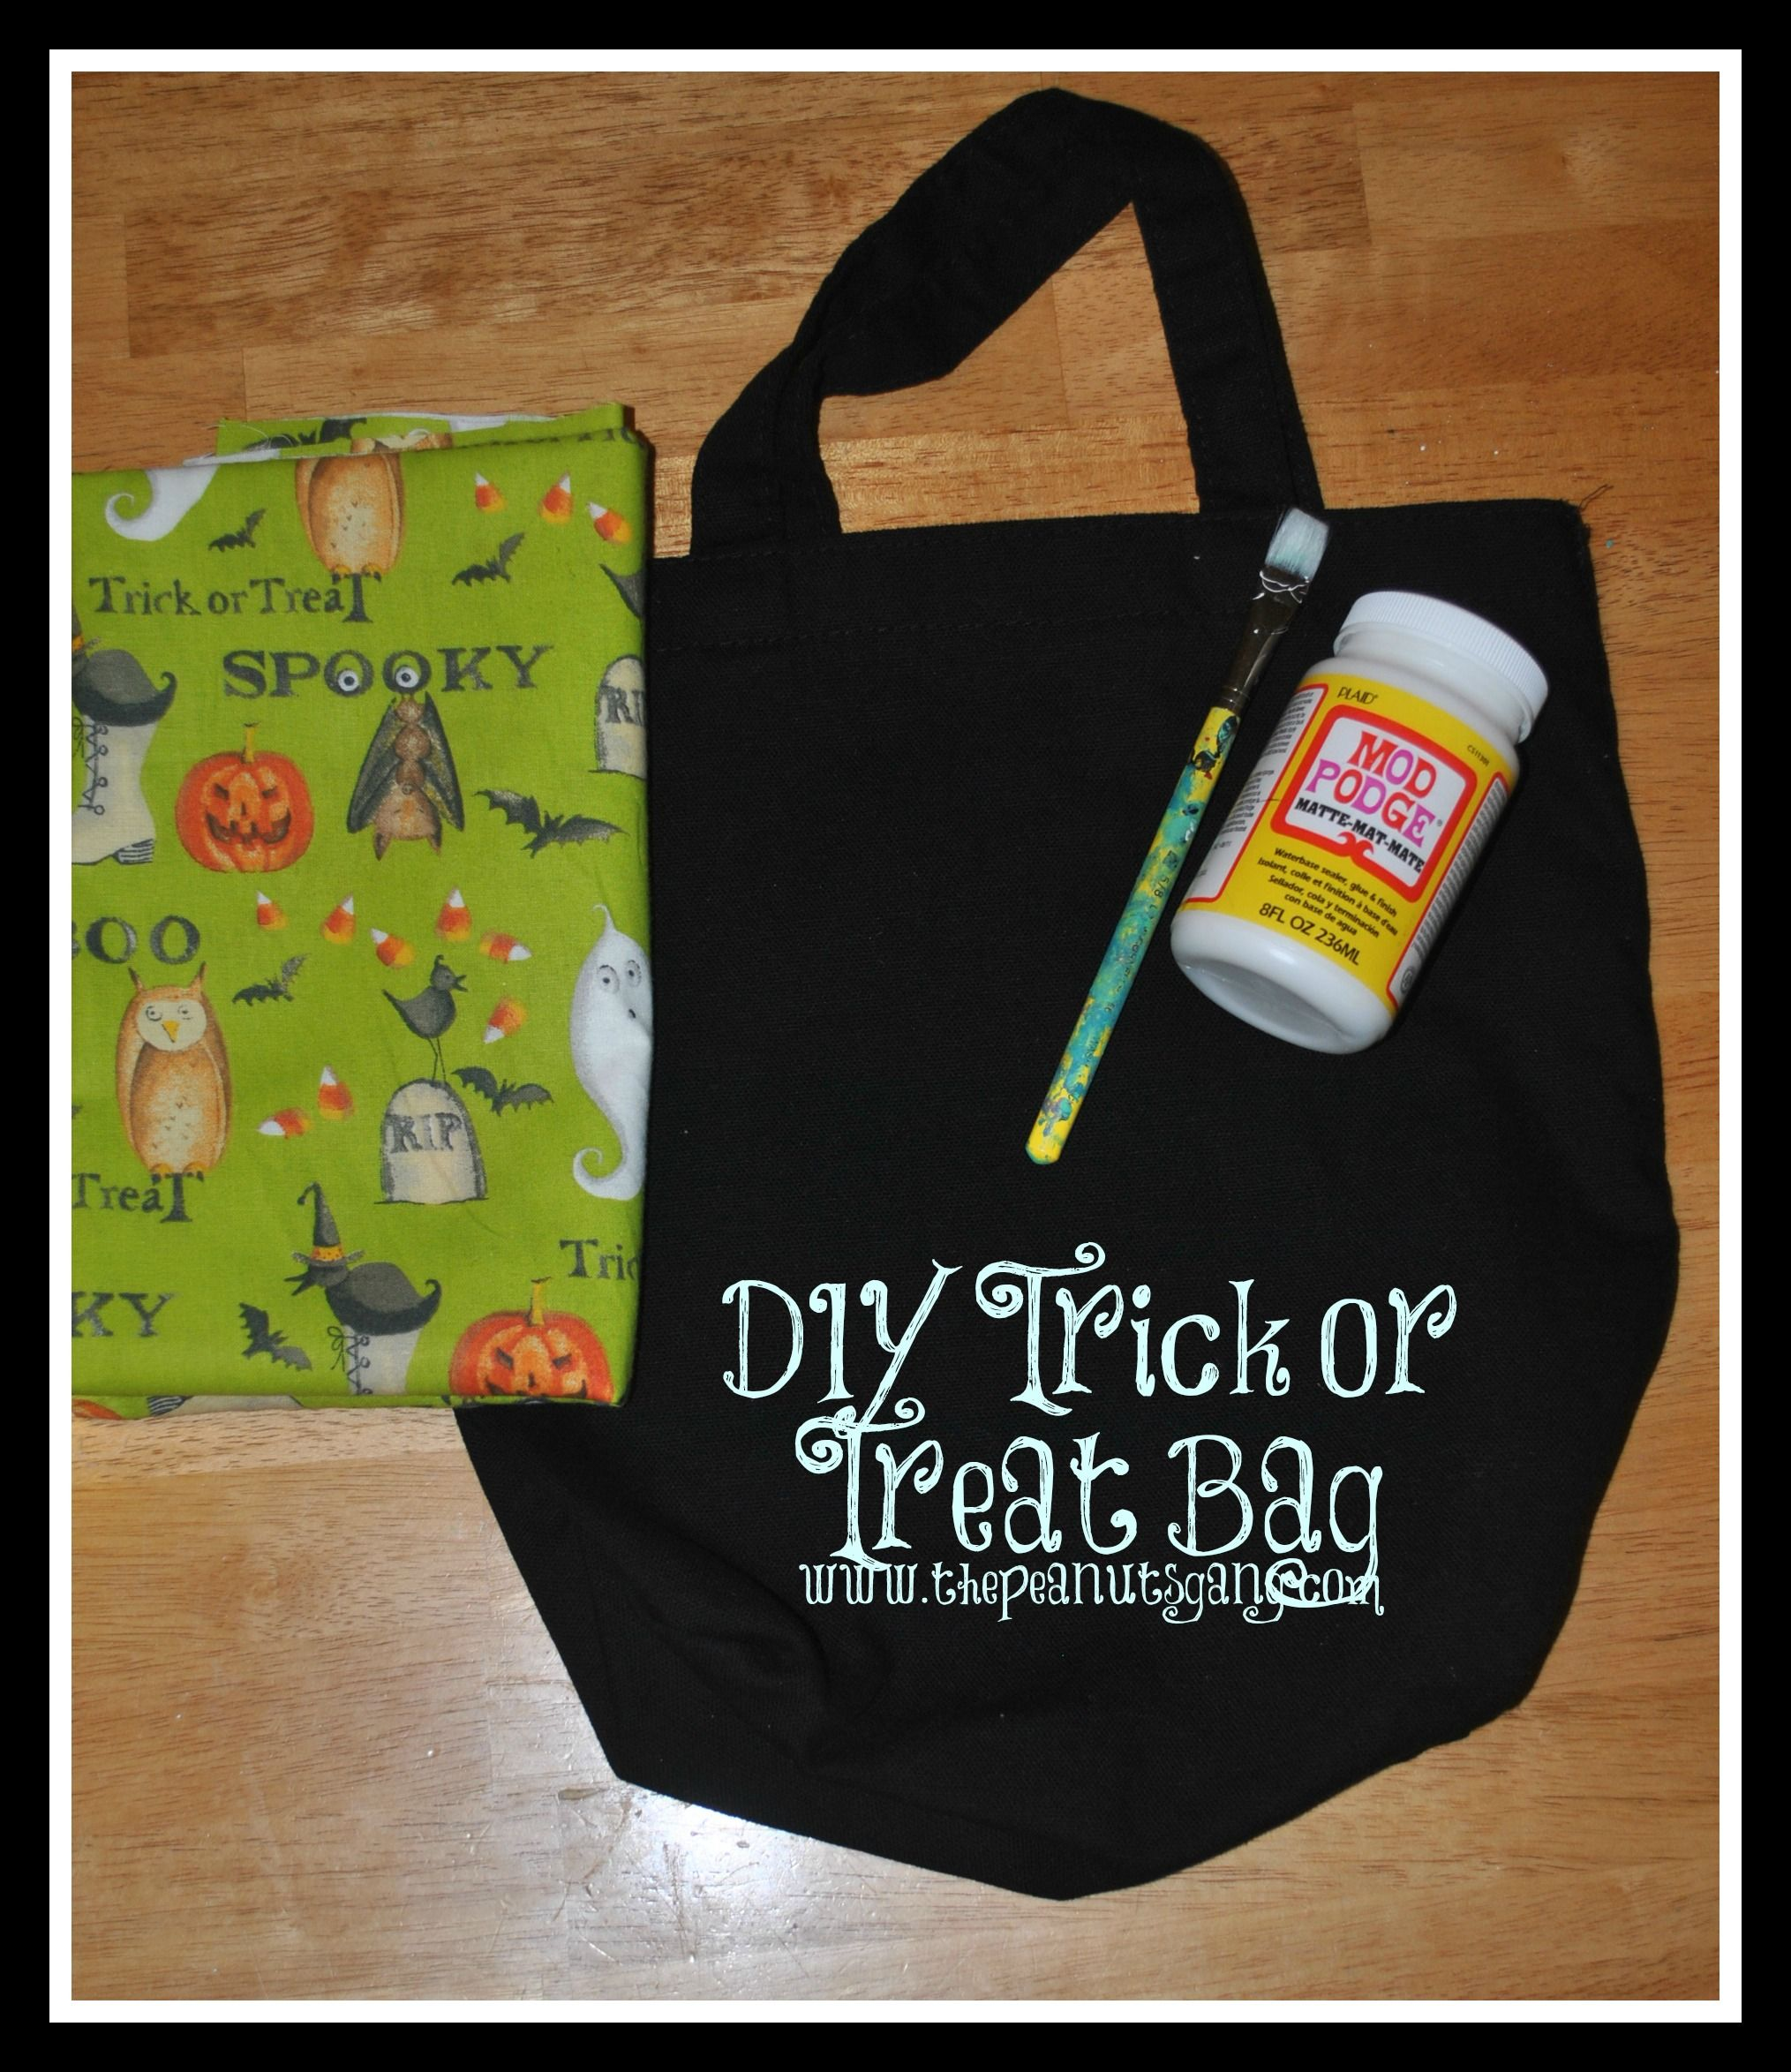 DIY Trick or Treat Bags Trick or treat, Treat bags